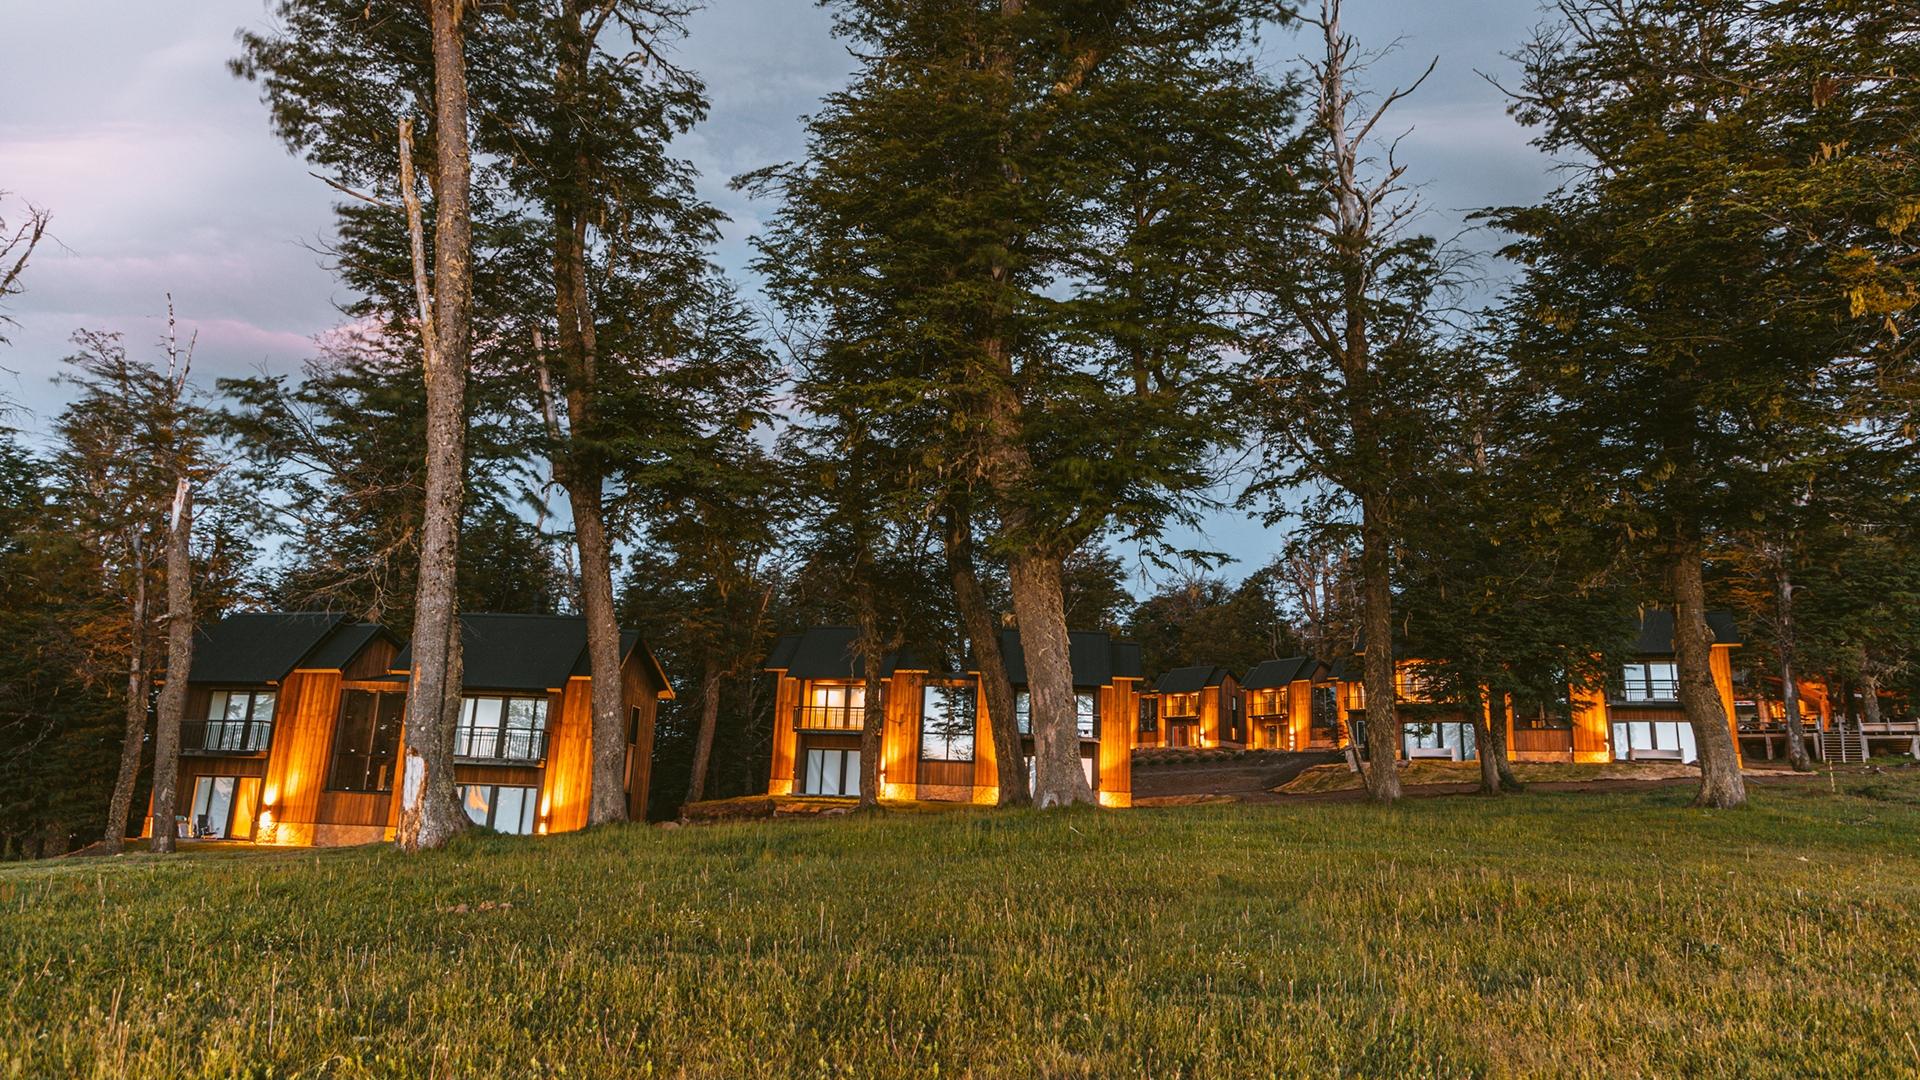 1 noche en El Refugio Ski & Summer Lodge